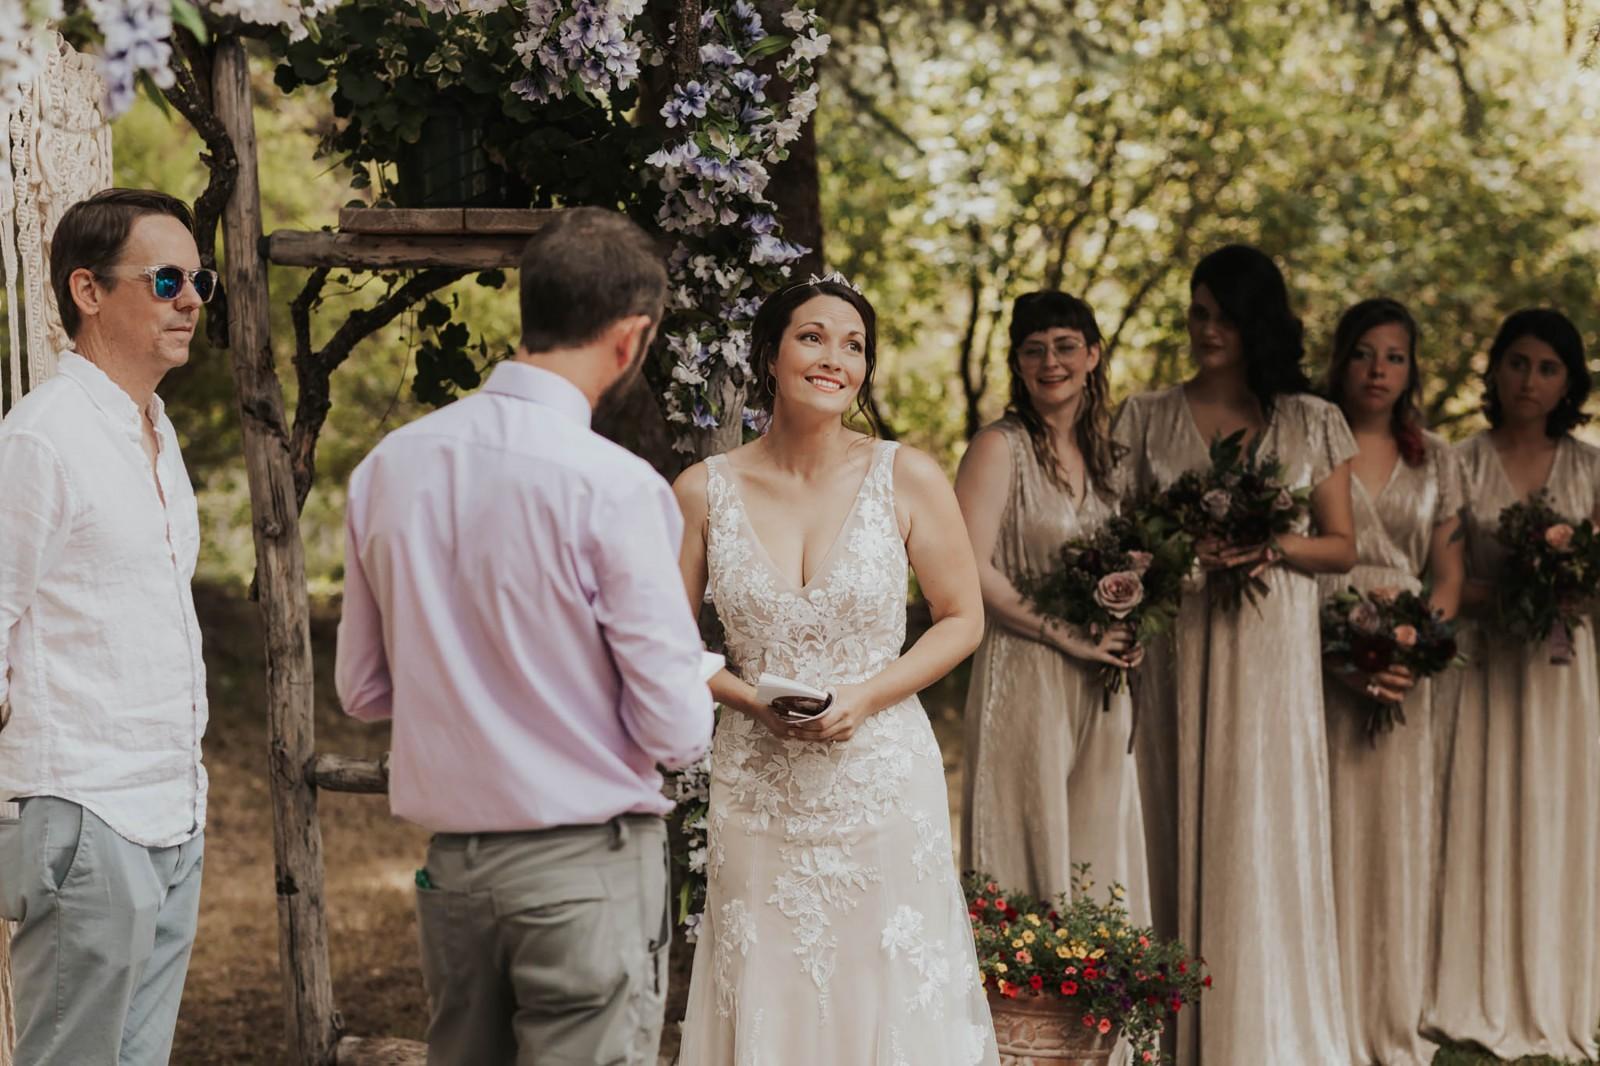 Outdoor Wedding Venue in Colorado